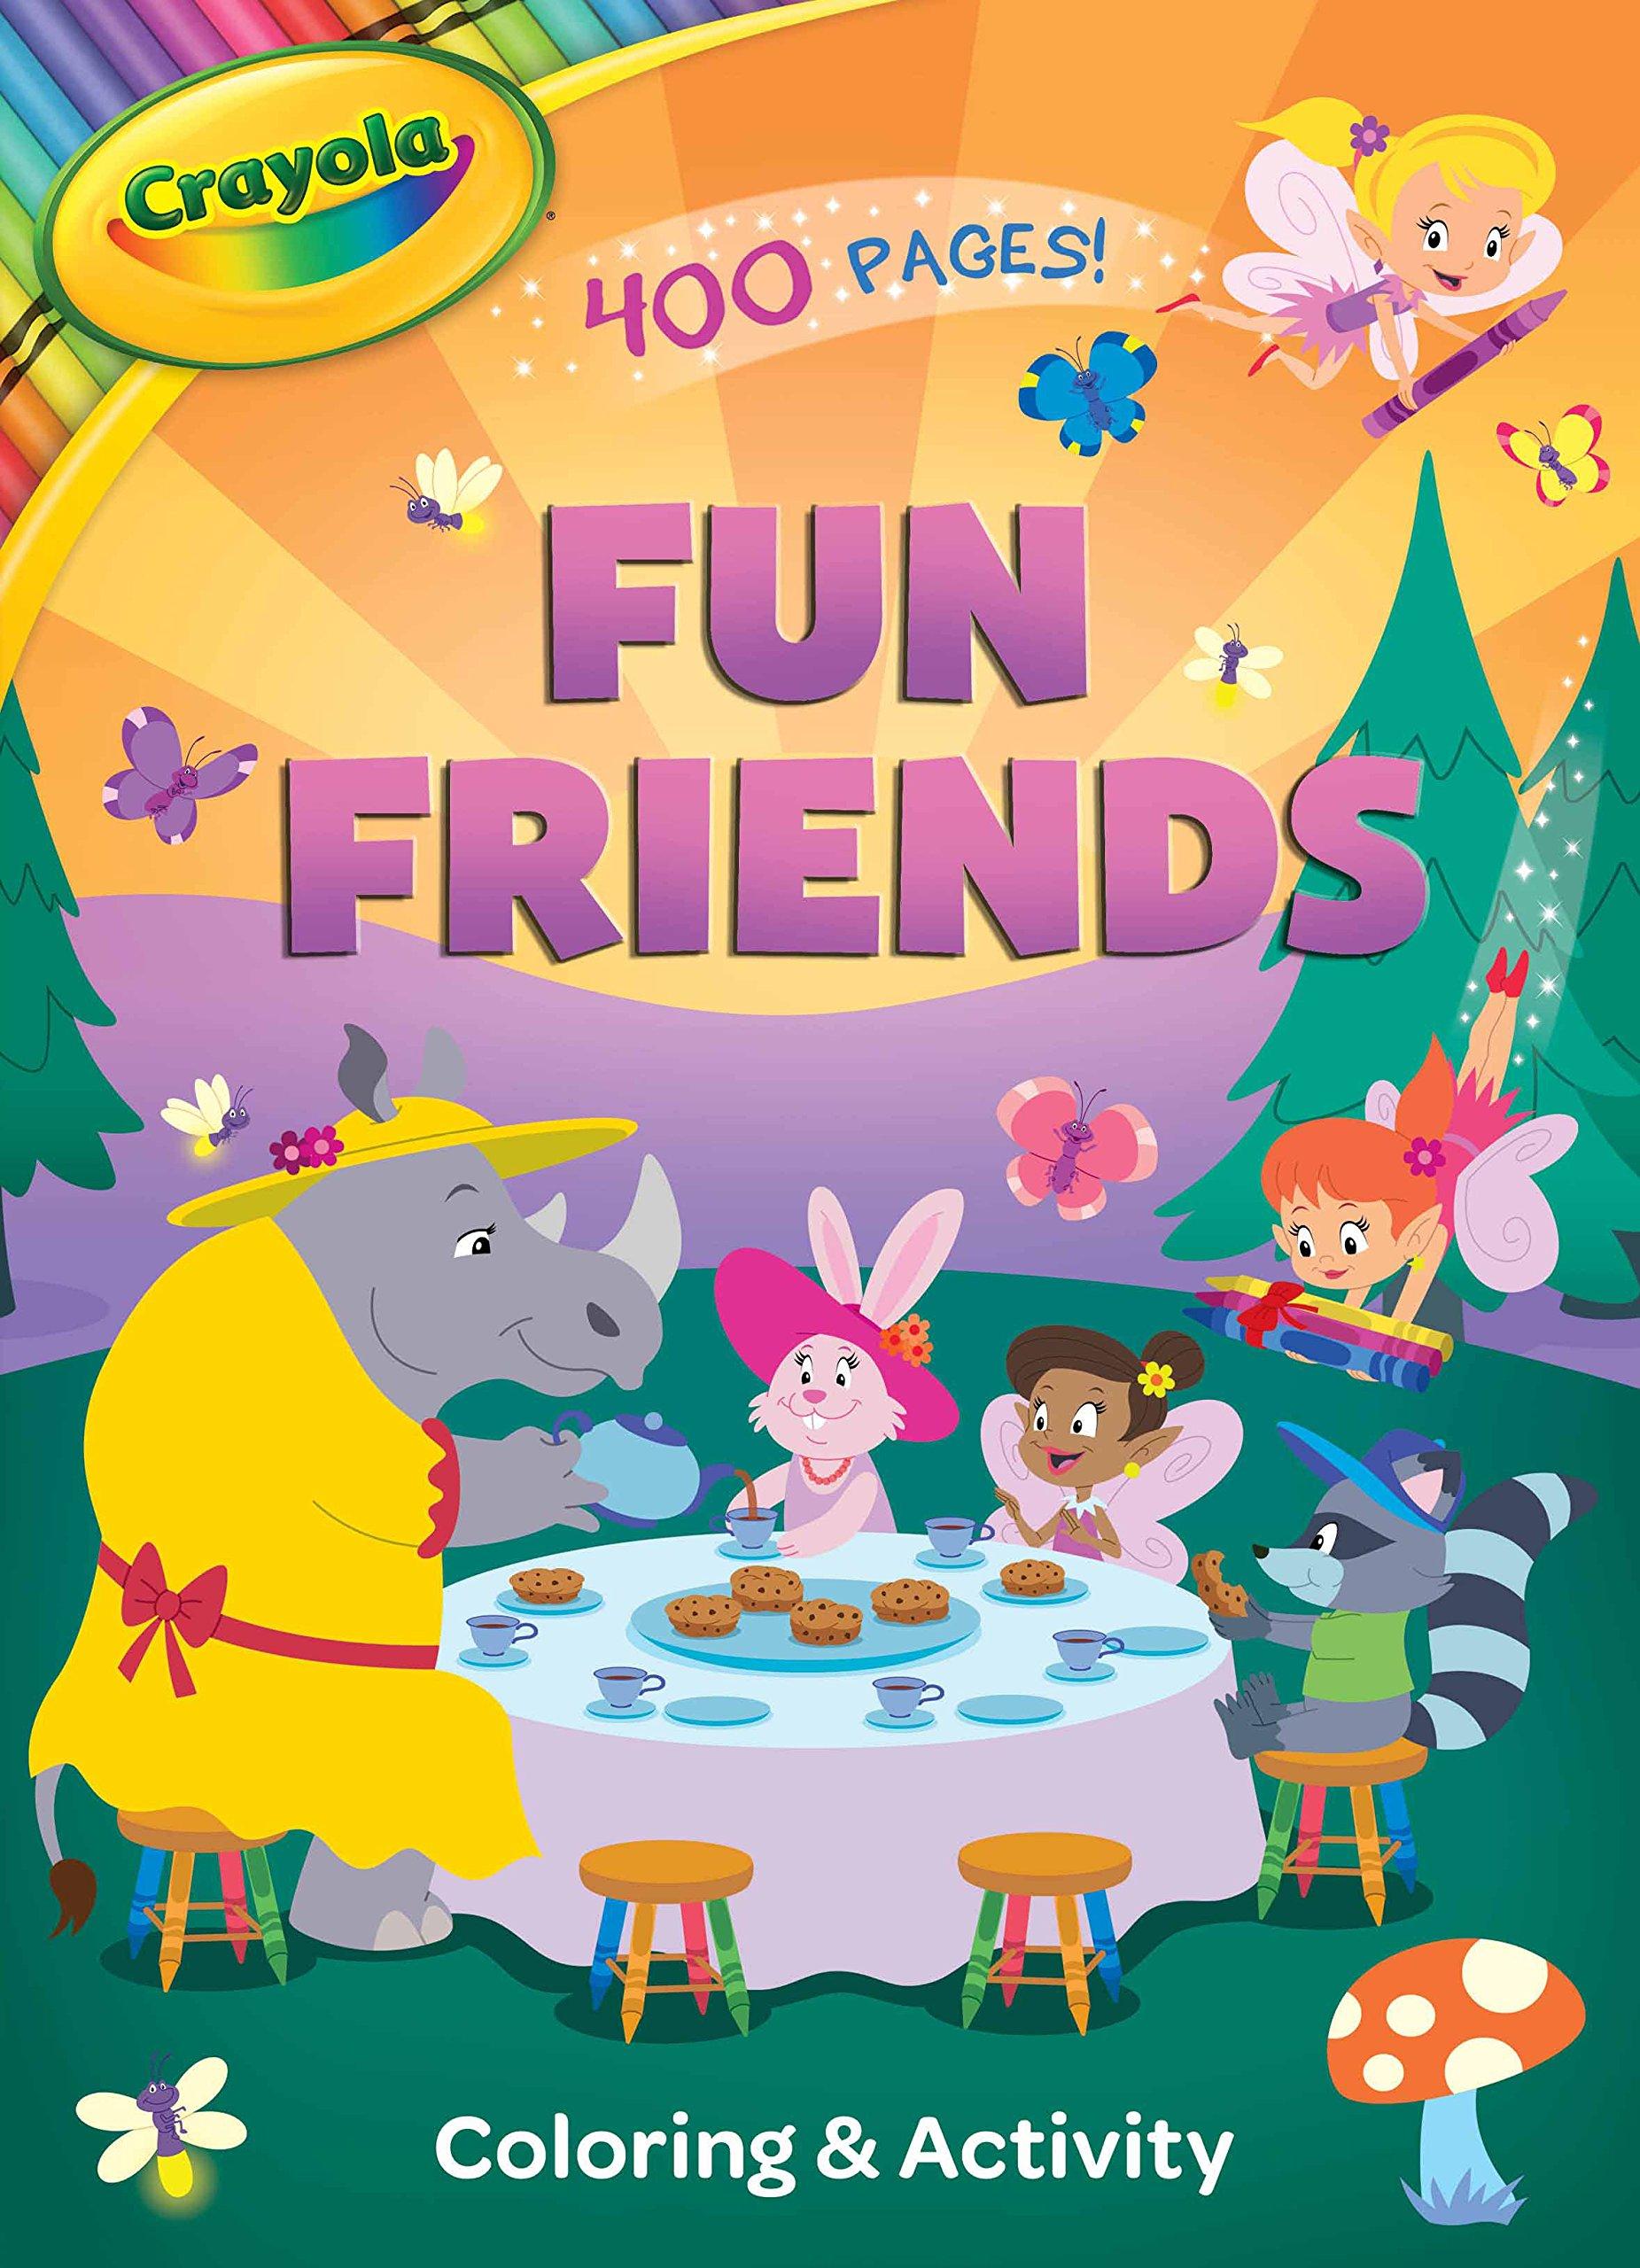 Download Crayola Fun Friends Coloring & Activity ebook